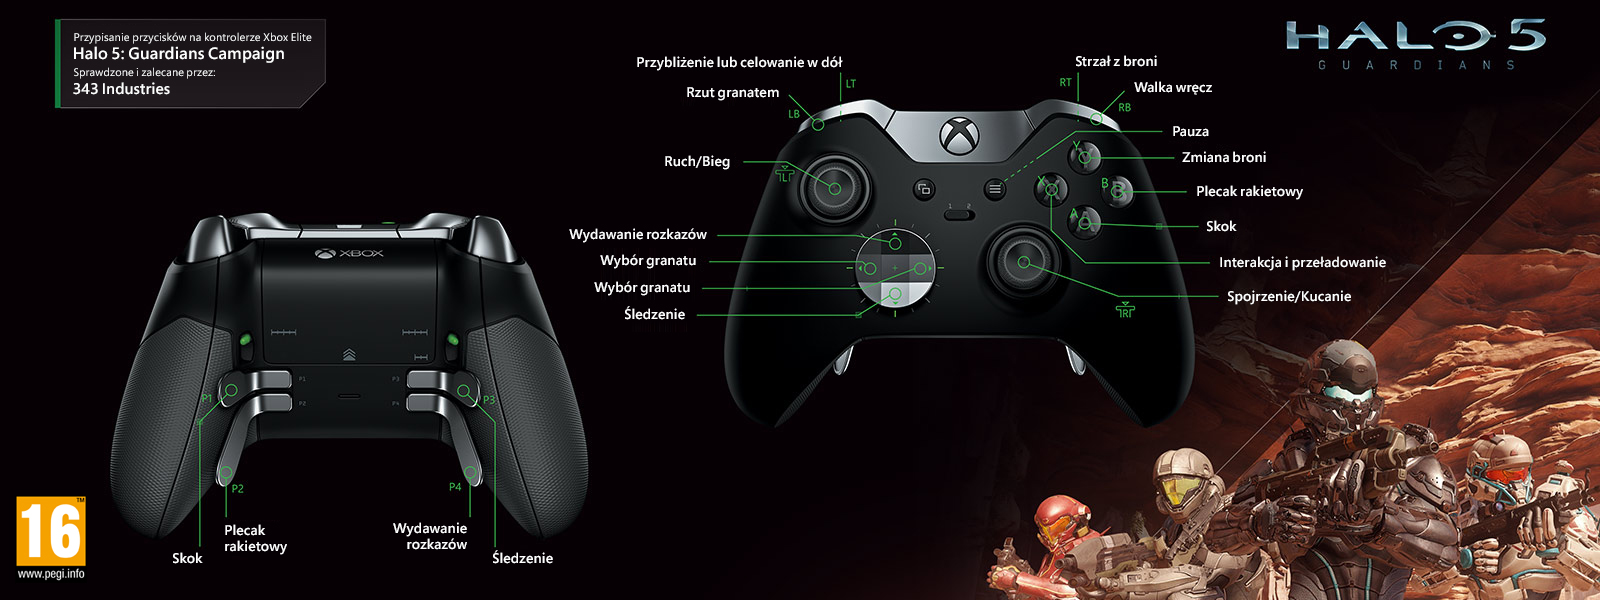 Halo 5: Guardians – mapowanie Elite pod kątem kampanii